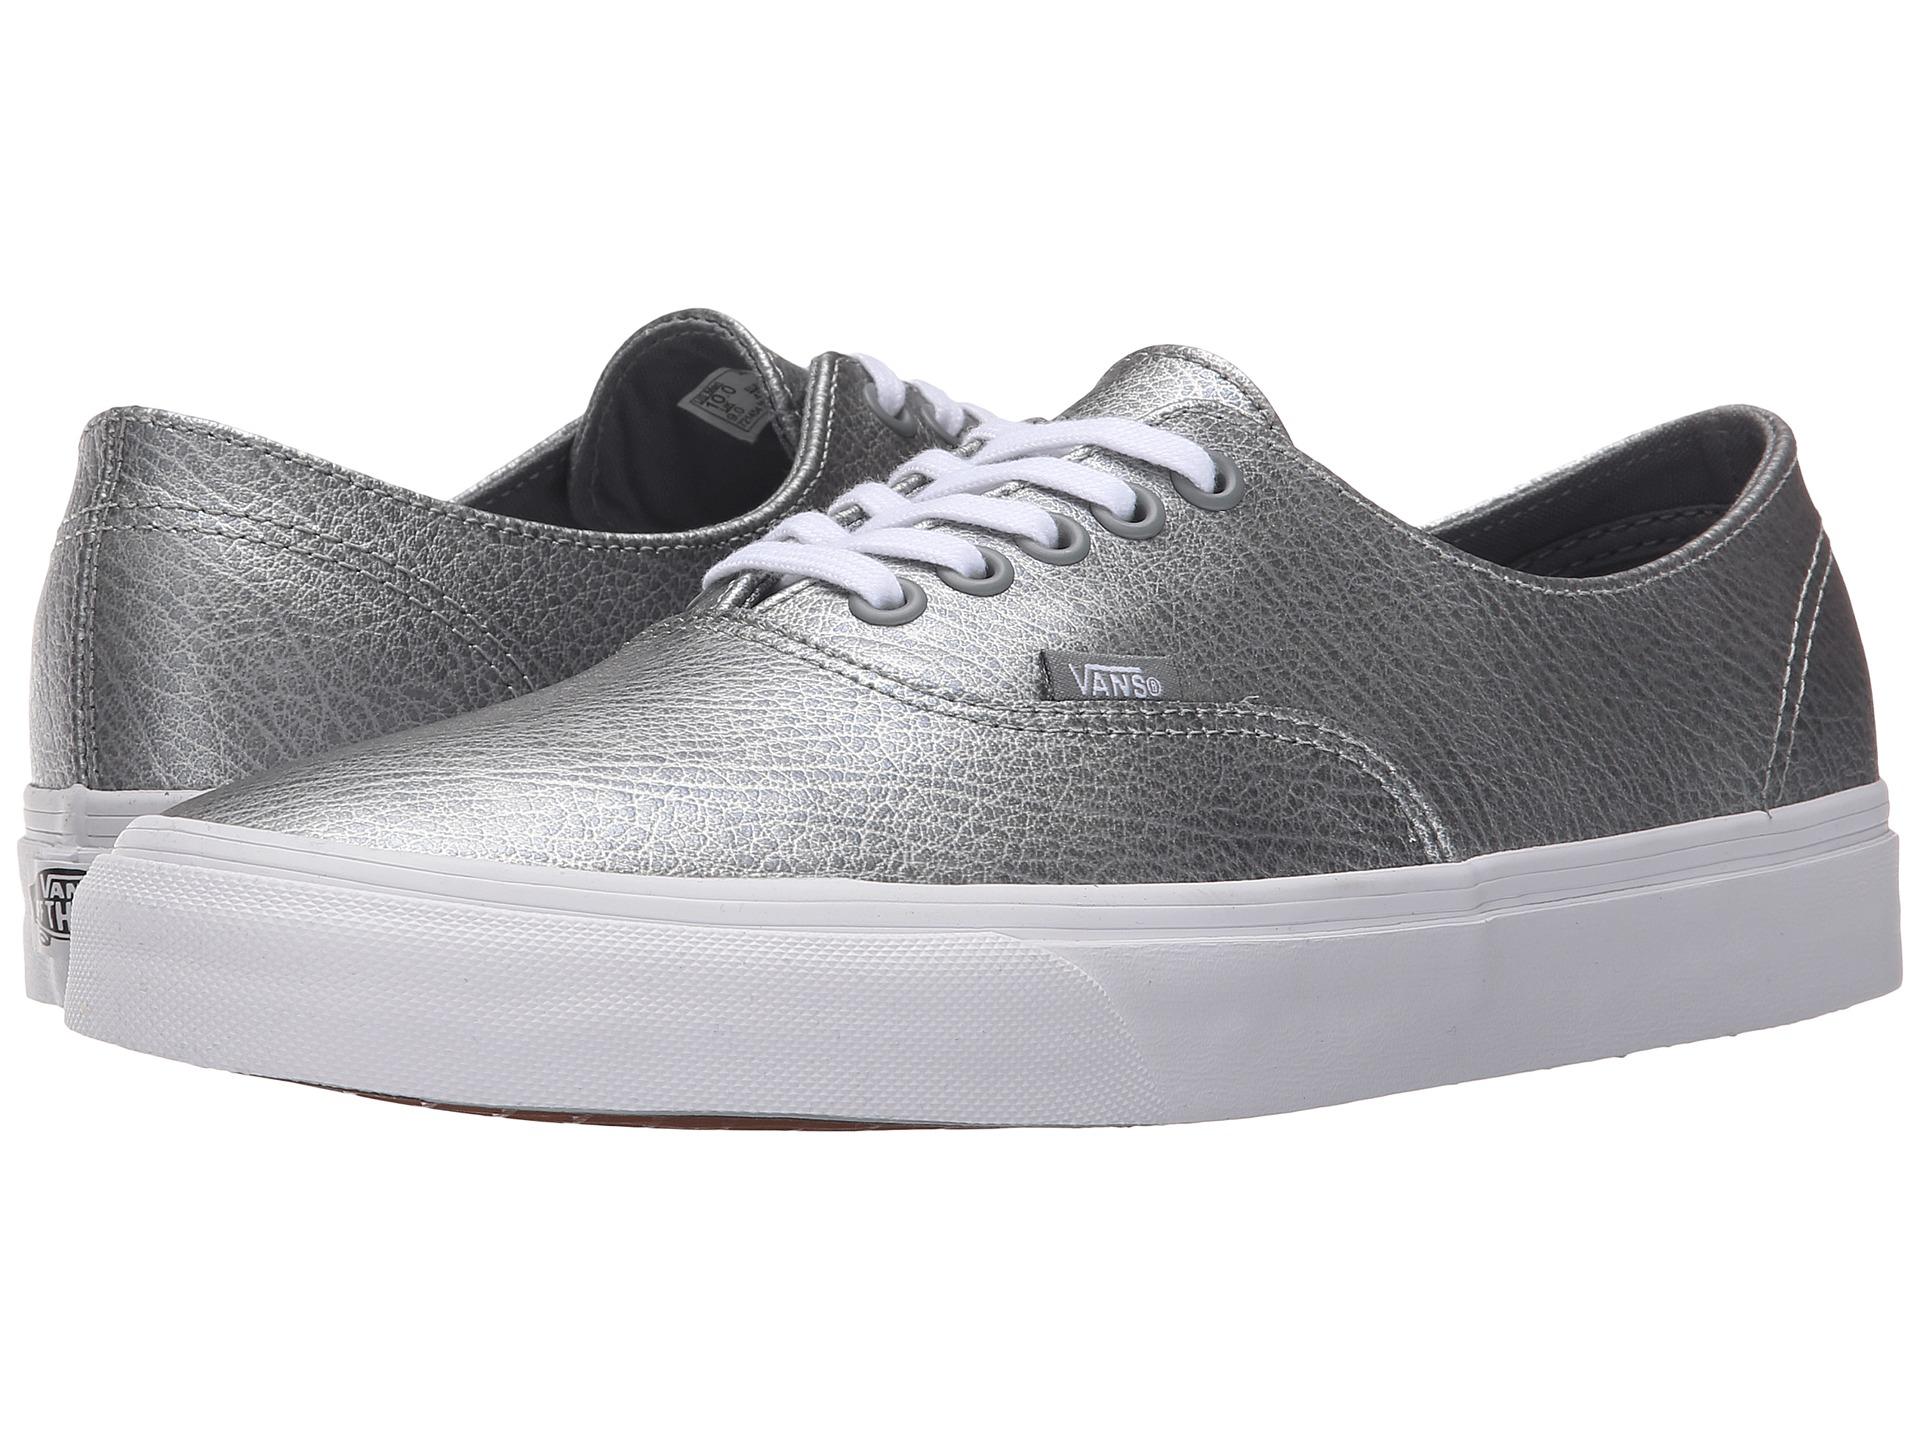 Vans Vans Unisex Metallic Leather Authentic Decon Sneaker Gray All the Best